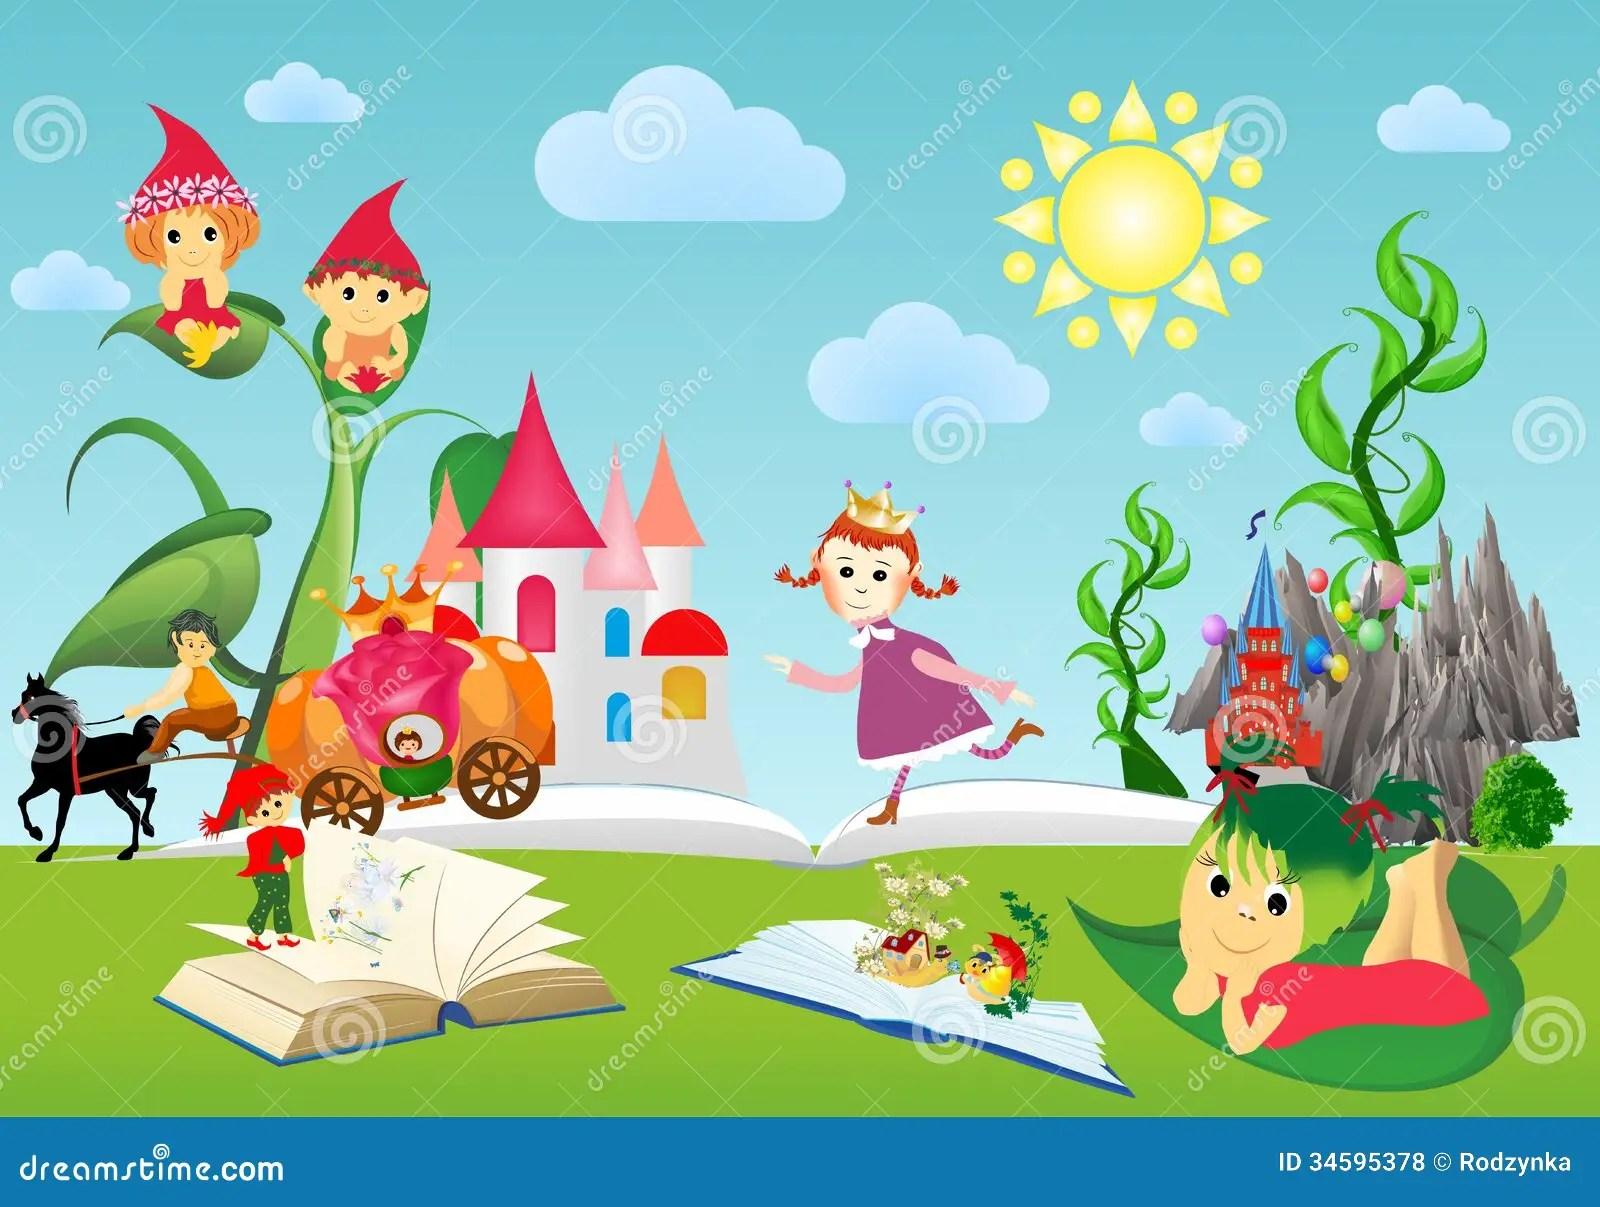 Cute Gingerbread Wallpaper No Mundo Dos Livros E Dos Contos De Fadas Livro Fotos De